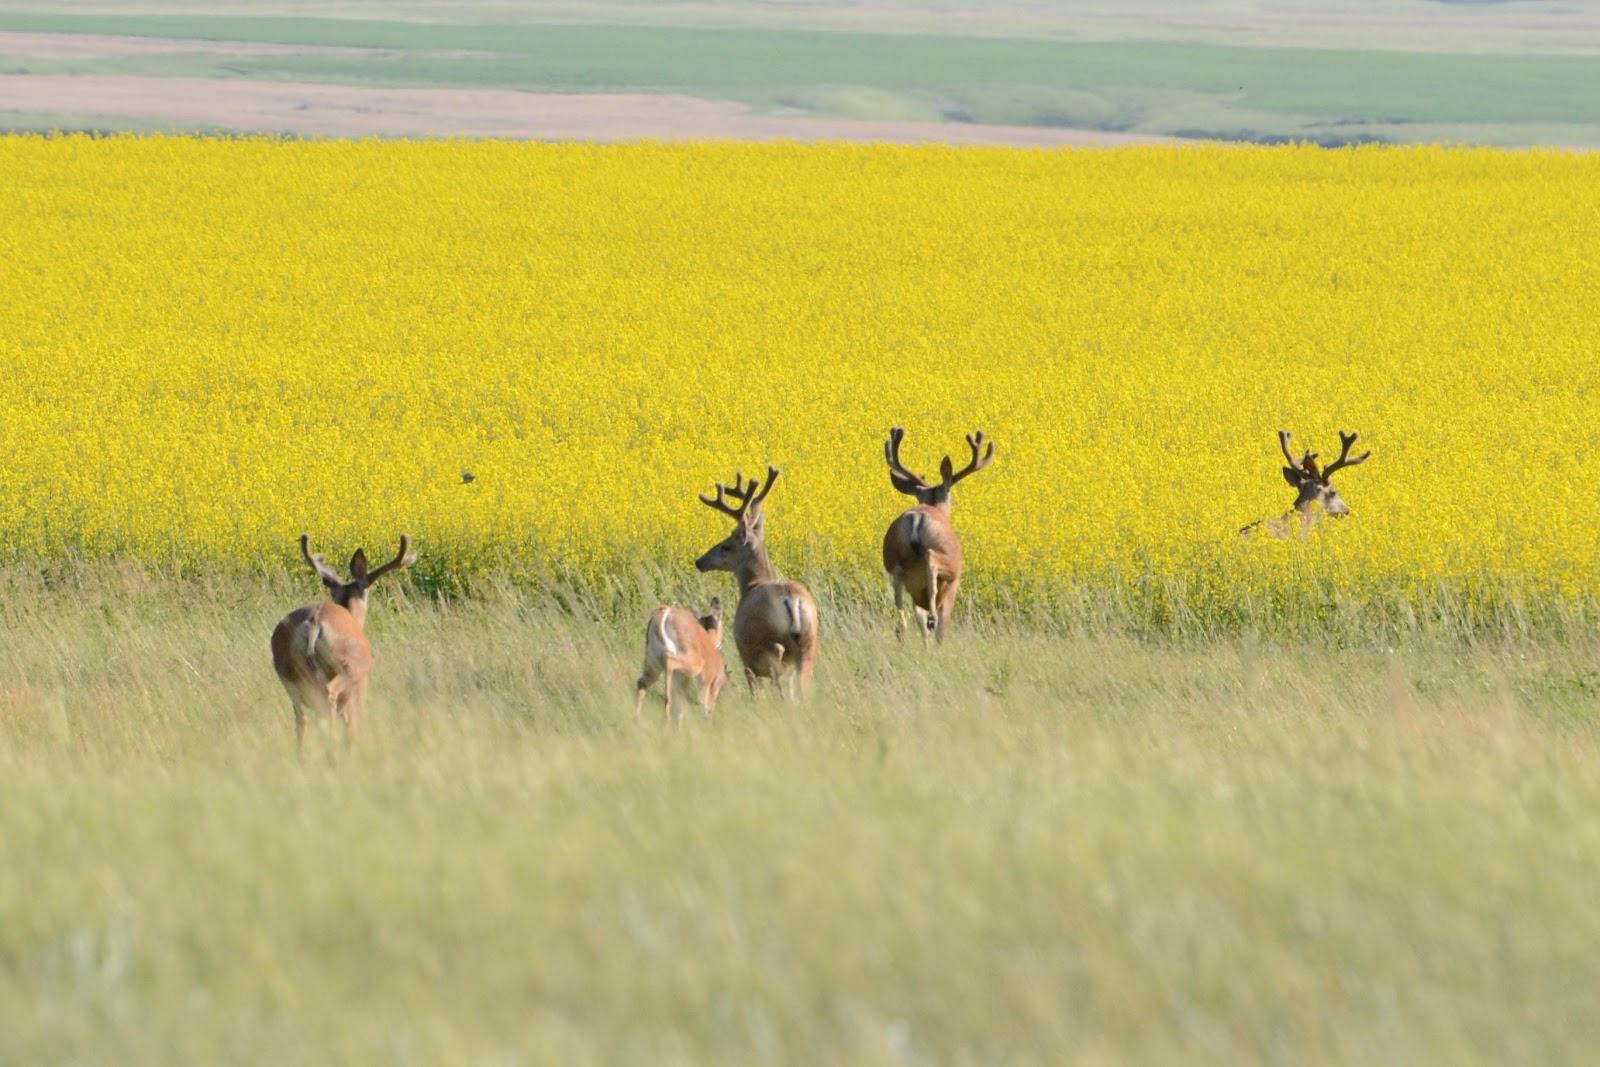 Deer in canola field Photo By: Glenn Eckert